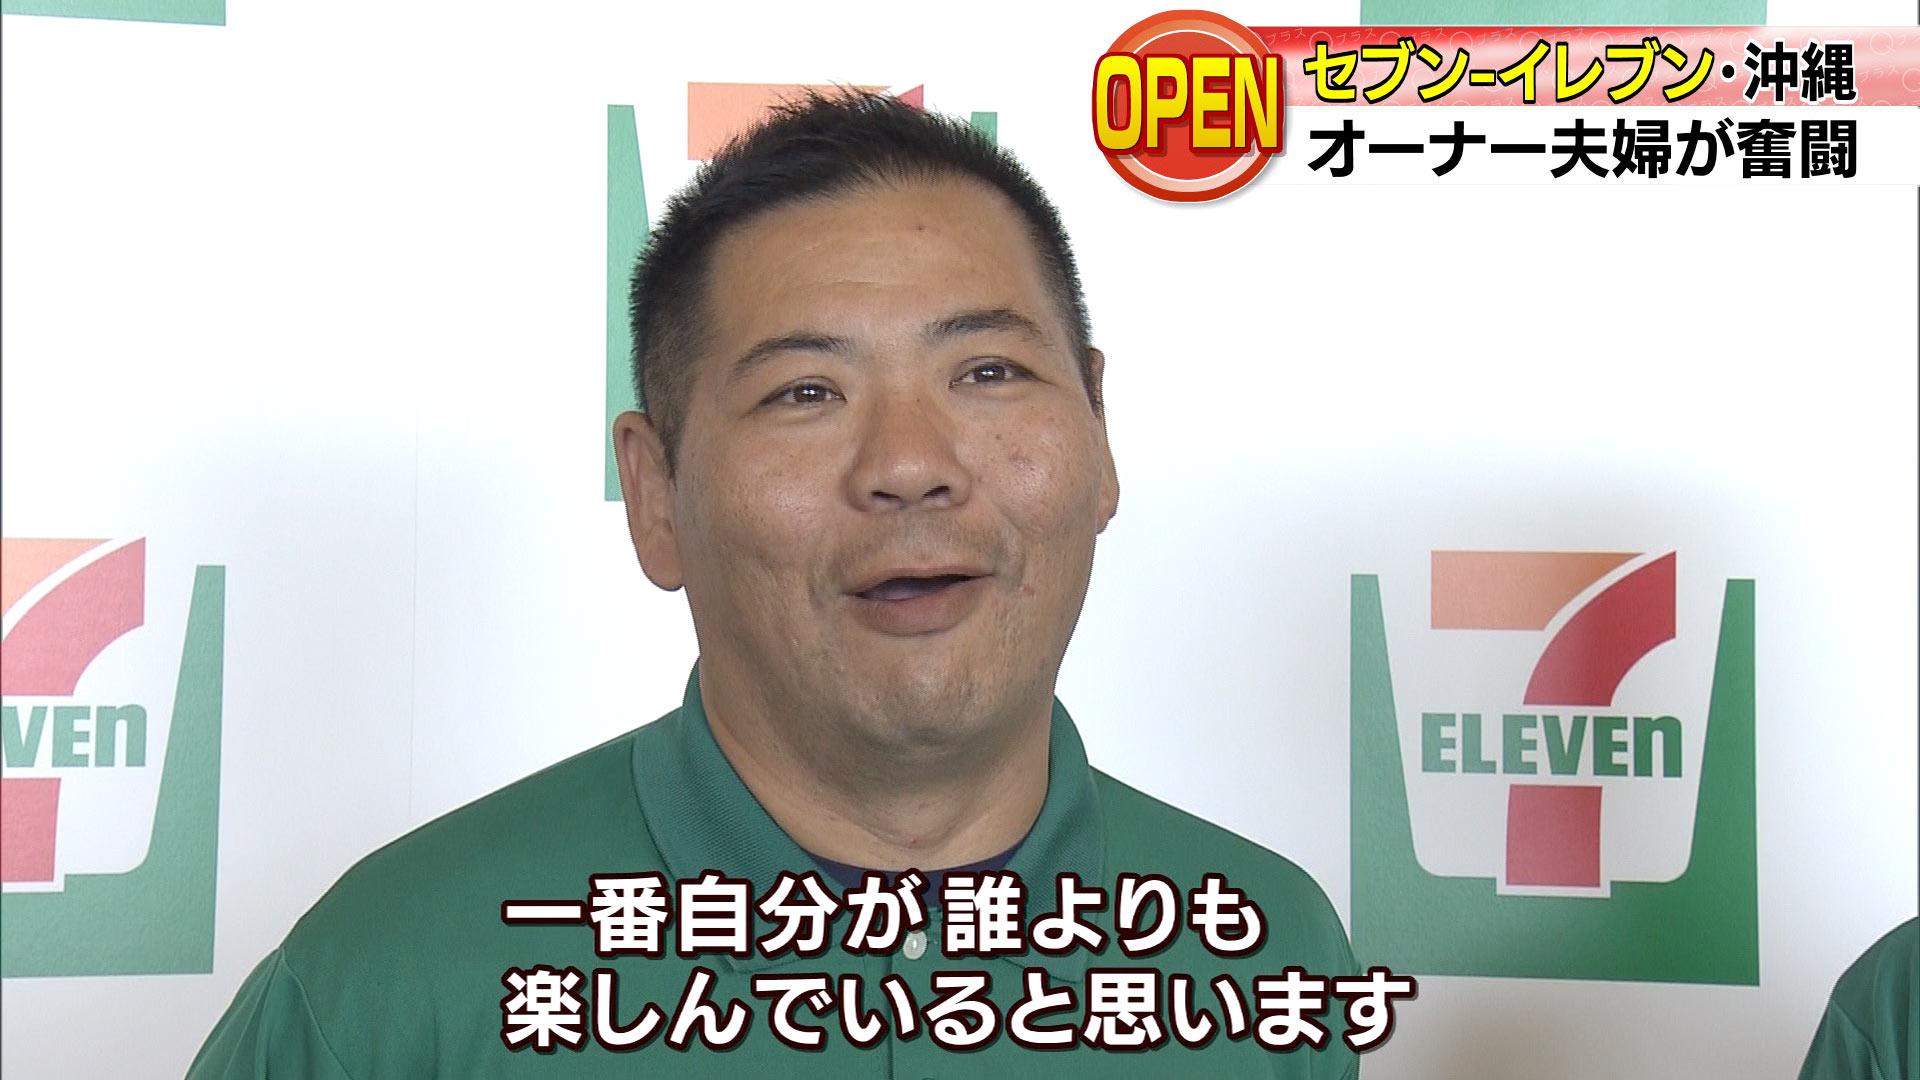 セブン‐イレブン沖縄初出店 オーナー夫婦奮闘記